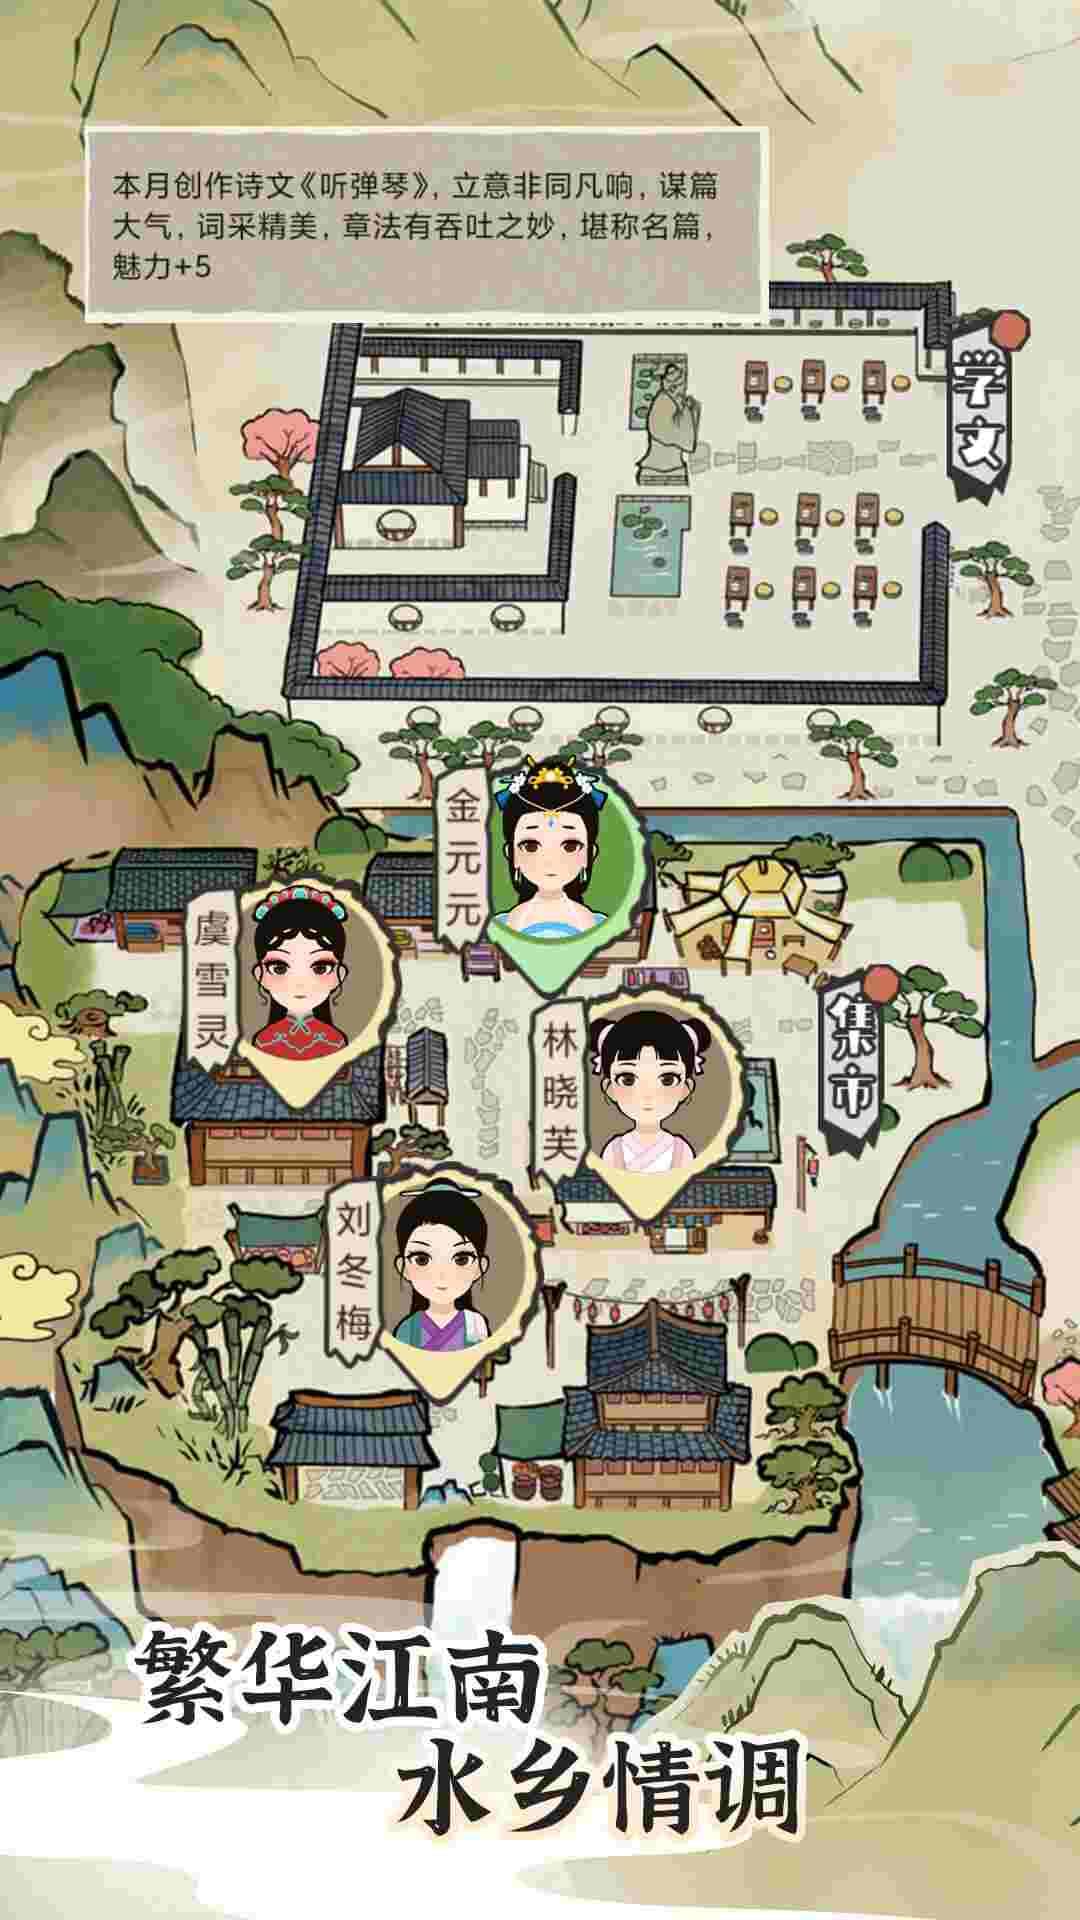 日常安利《江南人生》回到江南,建设属于自己的江南小镇